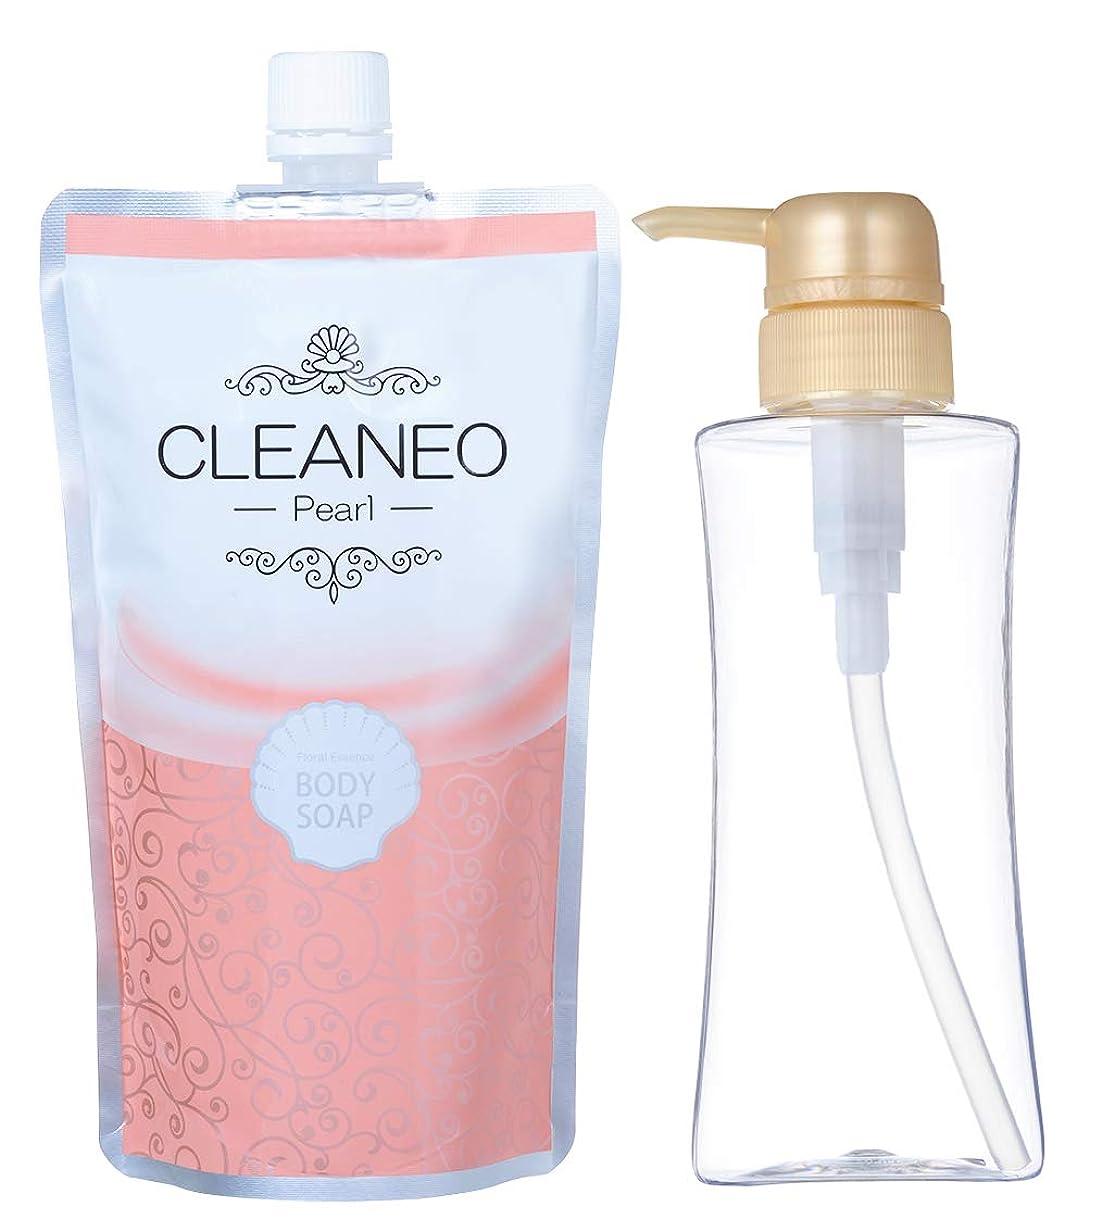 挽くストリップデータムクリアネオ公式(CLEANEO) パール オーガニックボディソープ?透明感のある美肌へ(詰替300ml+専用ボトルセット)